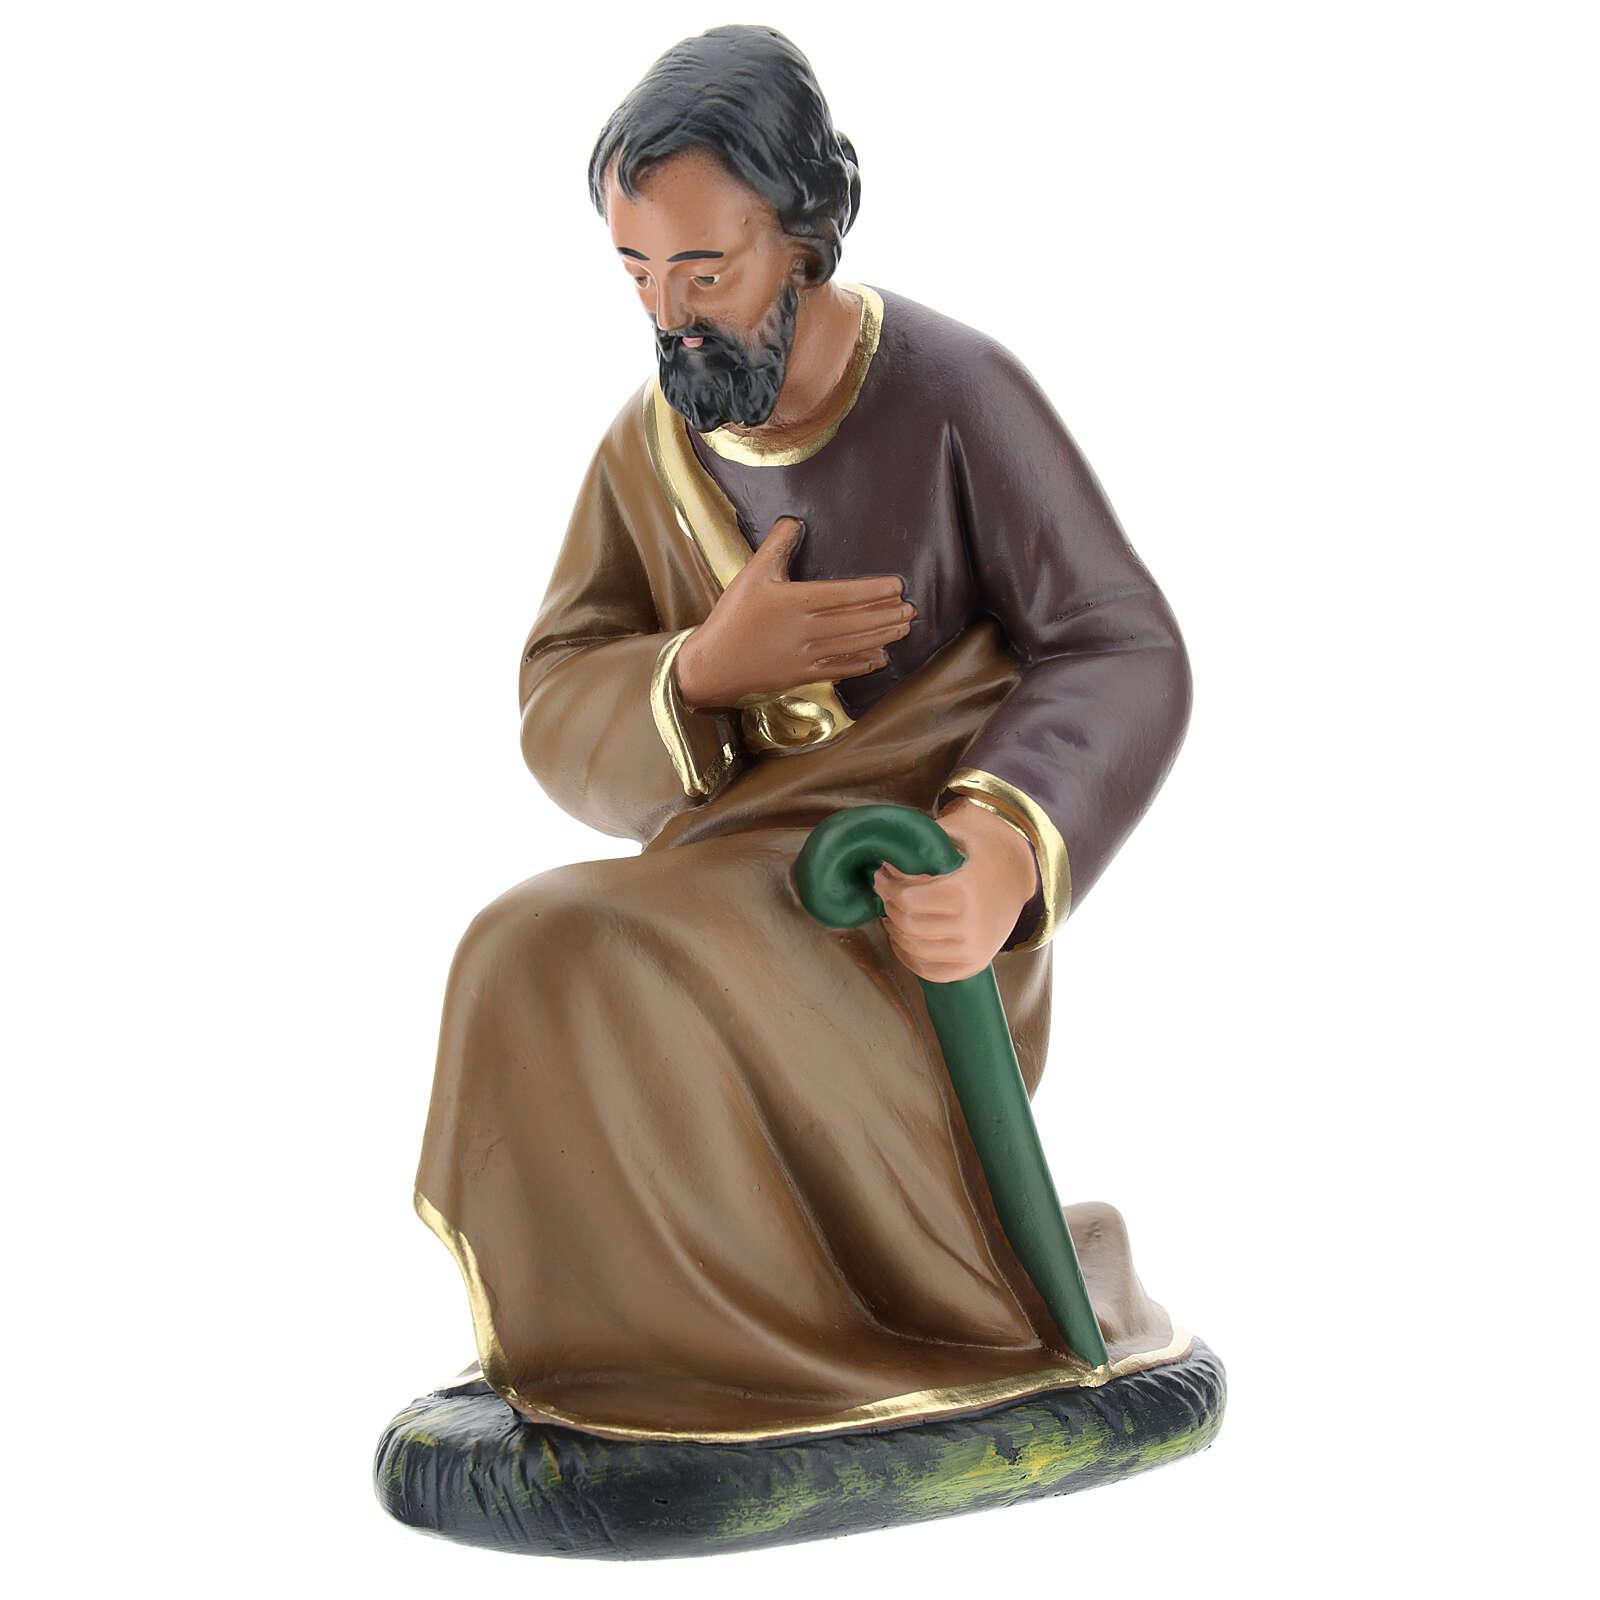 Figur Heiliger Josef aus Gips für Krippen handbemalt von Arte Barsanti, 20 cm 4